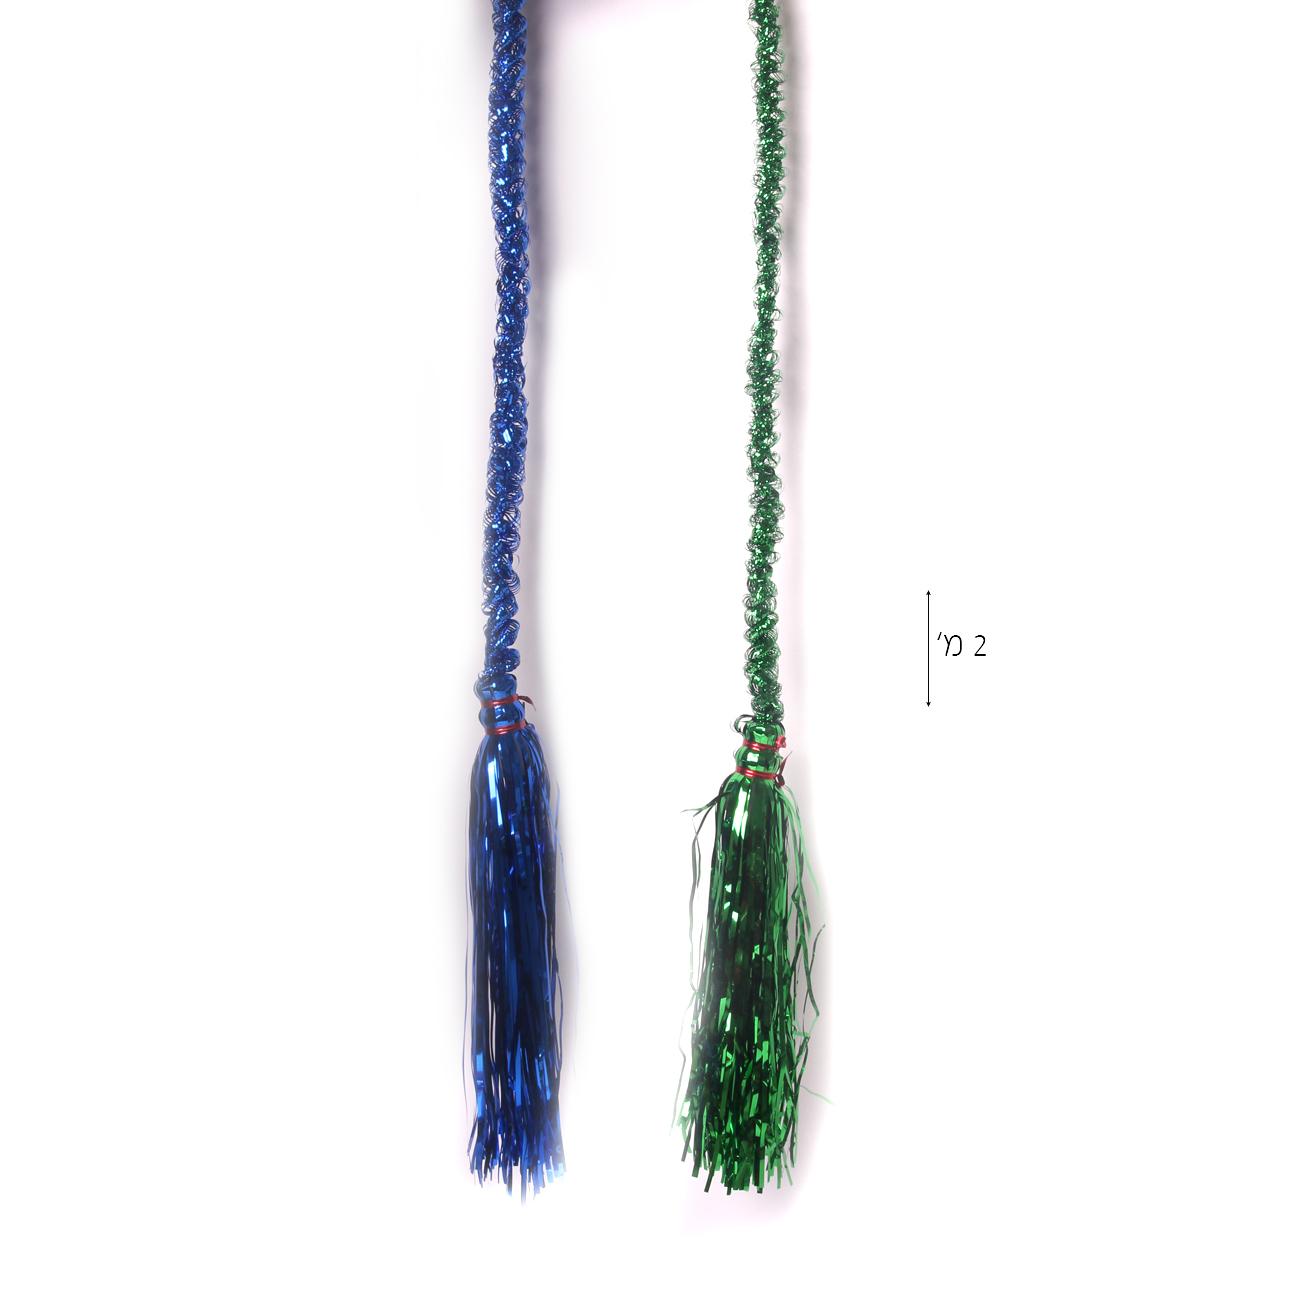 גרילנד חבל 2 מטר מעורב צבעים